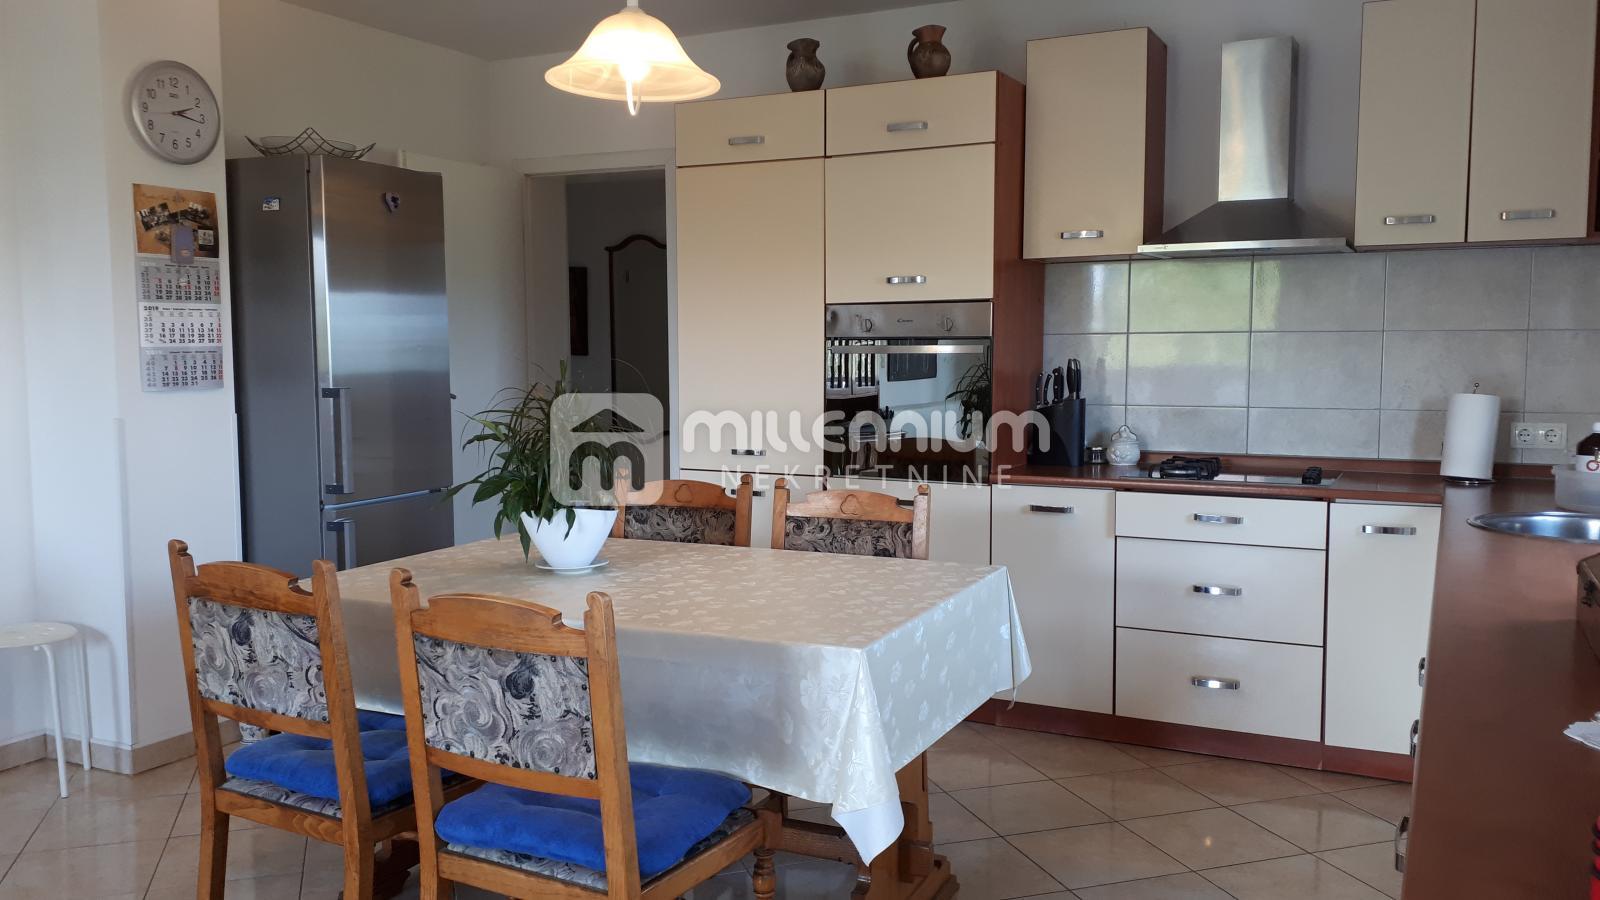 Otok Krk, 2 stana - 2s+db i studio apartman